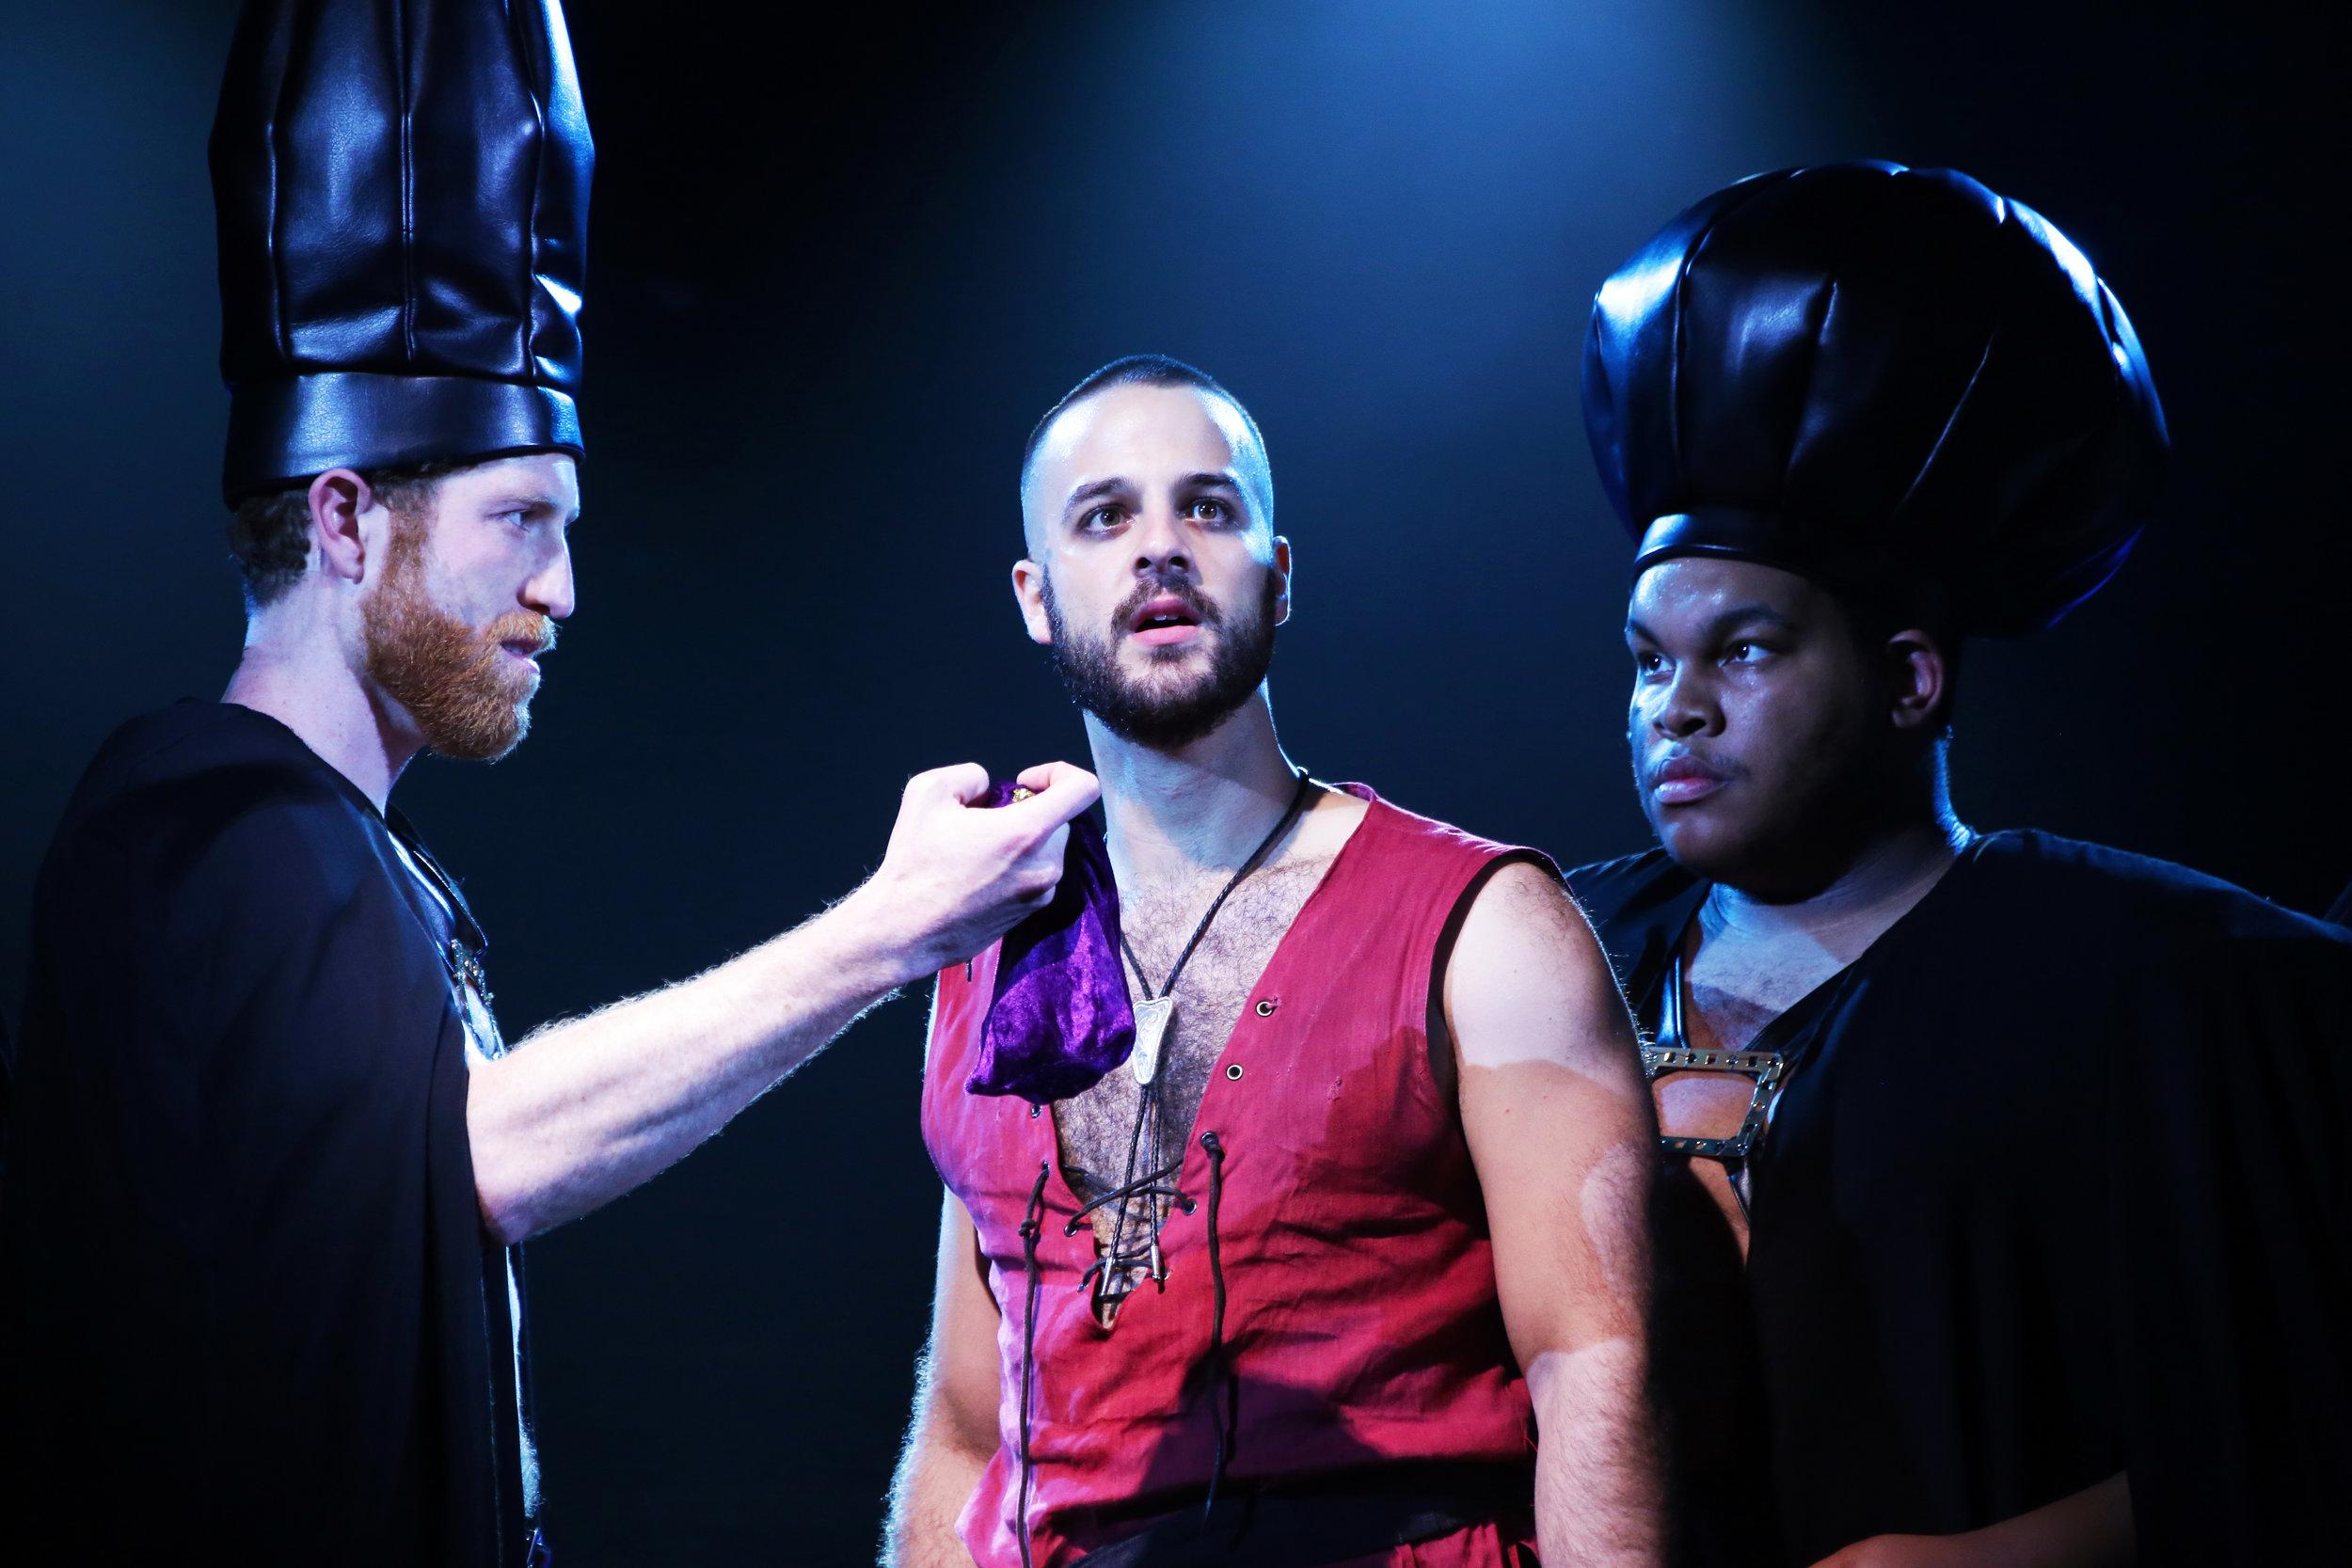 Annas (Bryan Mittelstadt), Judas (Ryan Vona), Caiaphas (Tyler Grigsby)